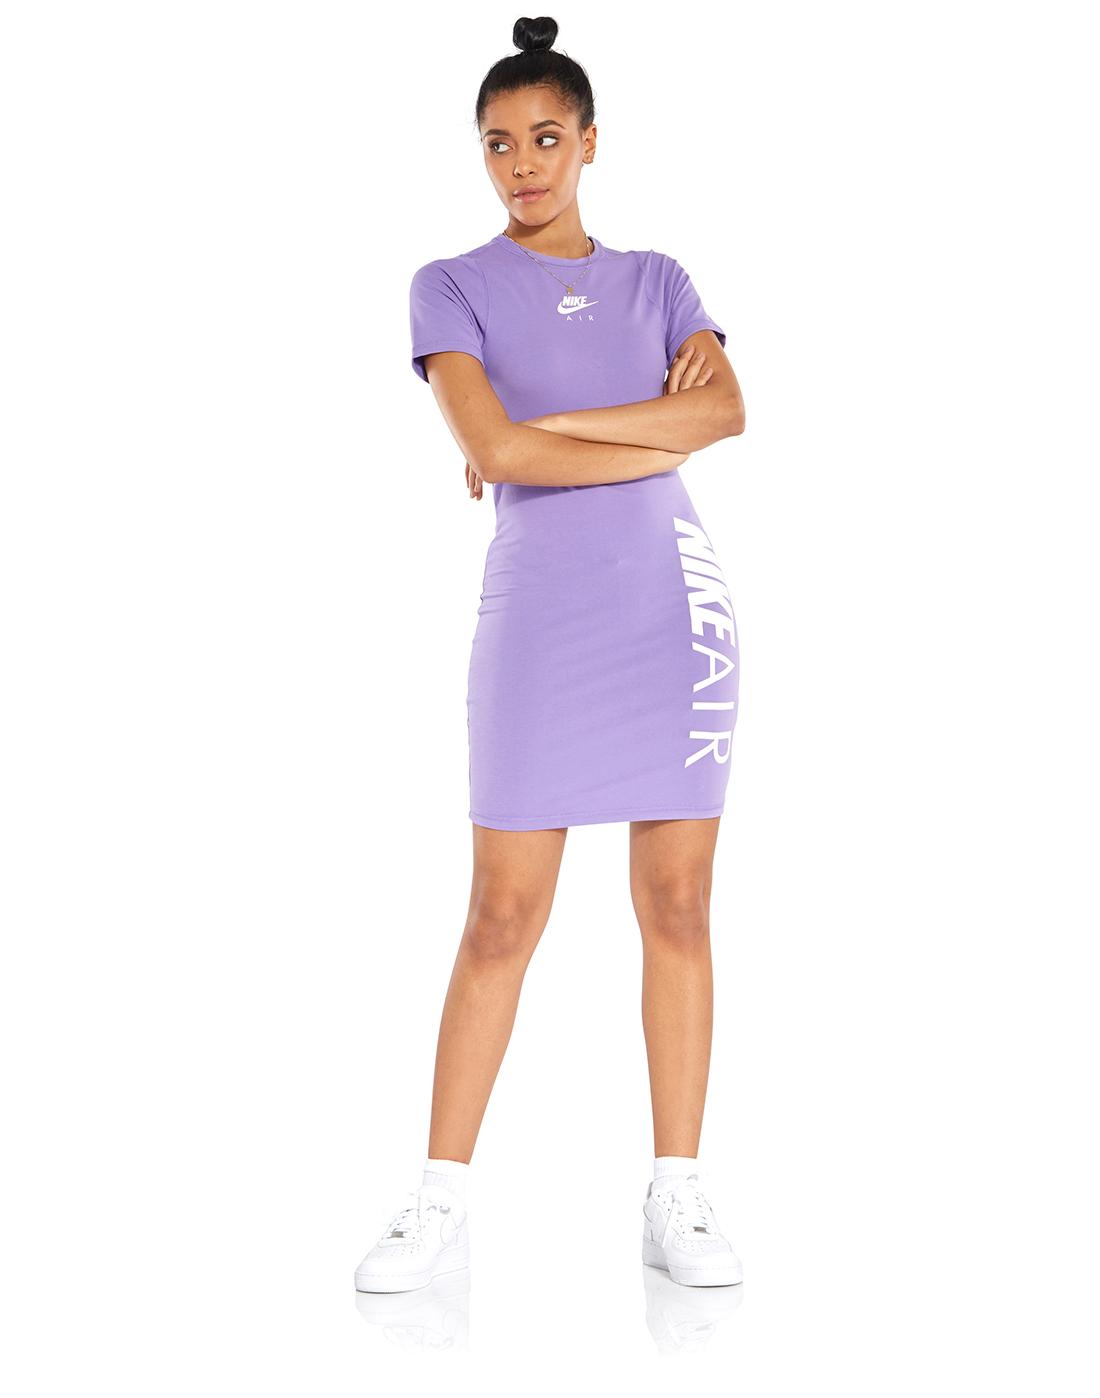 new concept 1b05c 88596 Womens Air Dress · Womens Air Dress · Womens Air Dress ...